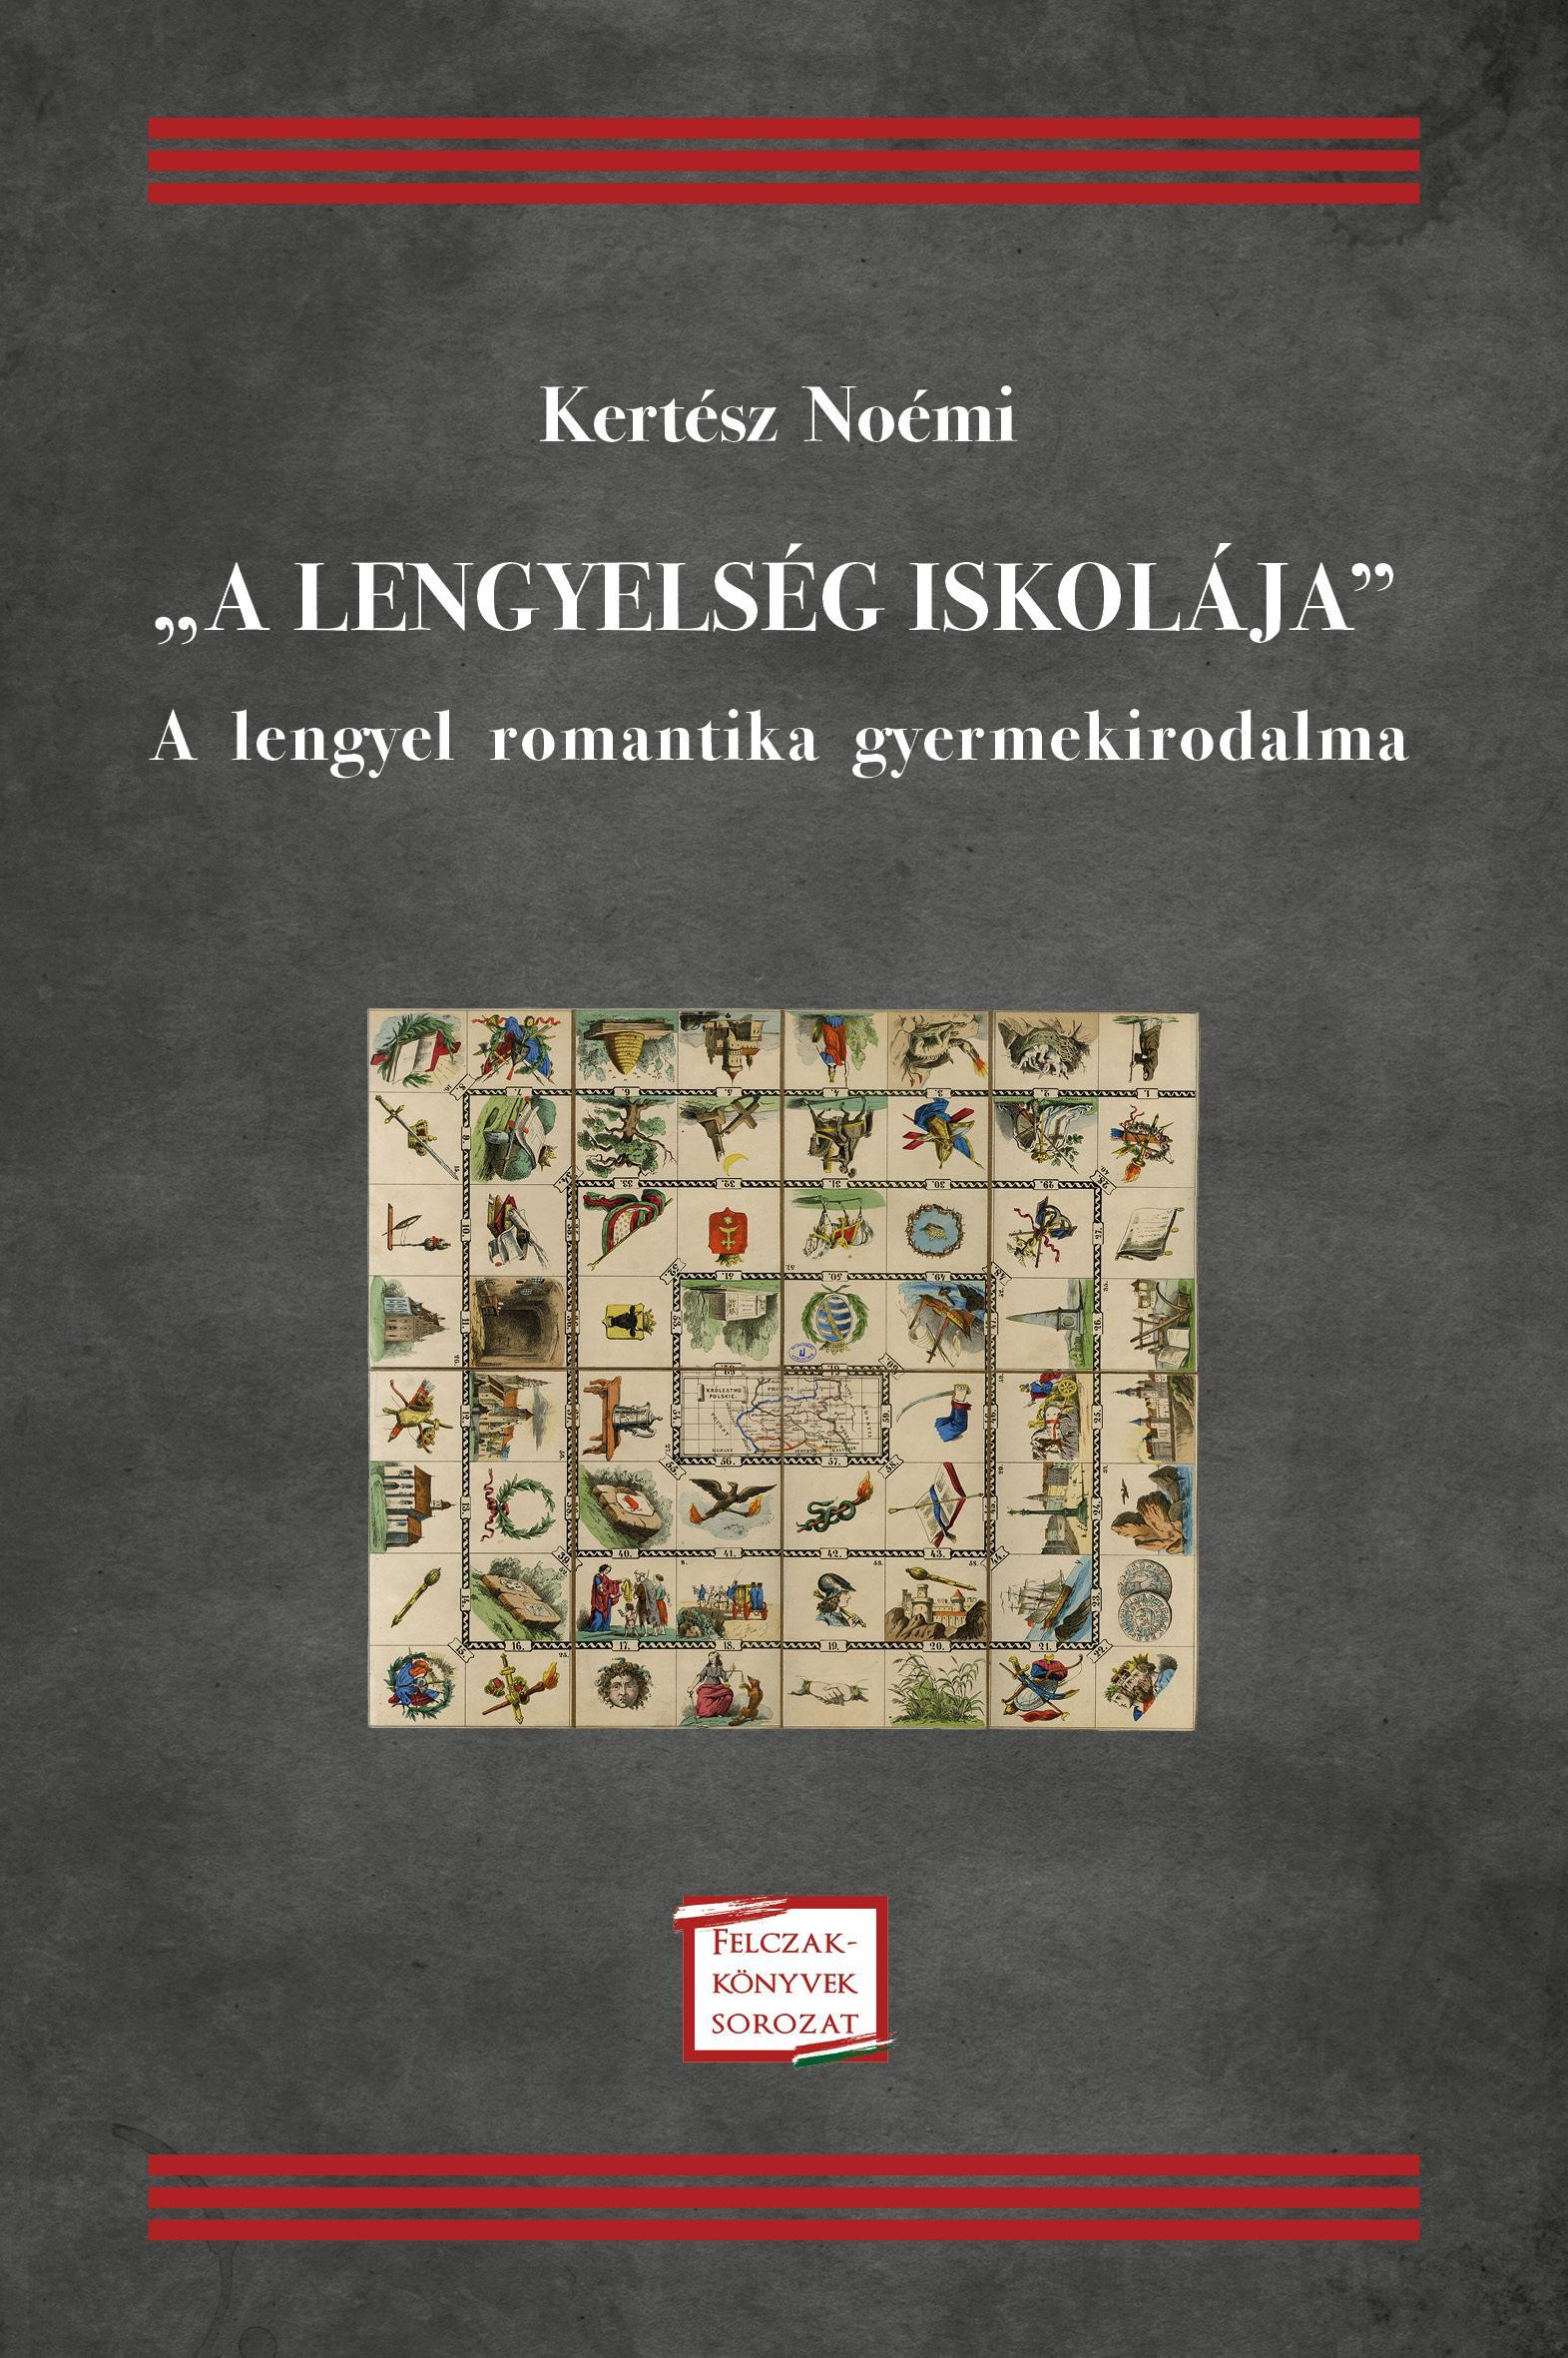 A LENGYELSÉG ISKOLÁJA -  A LENGYEL ROMANTIKA GYERMEKIRODALMA